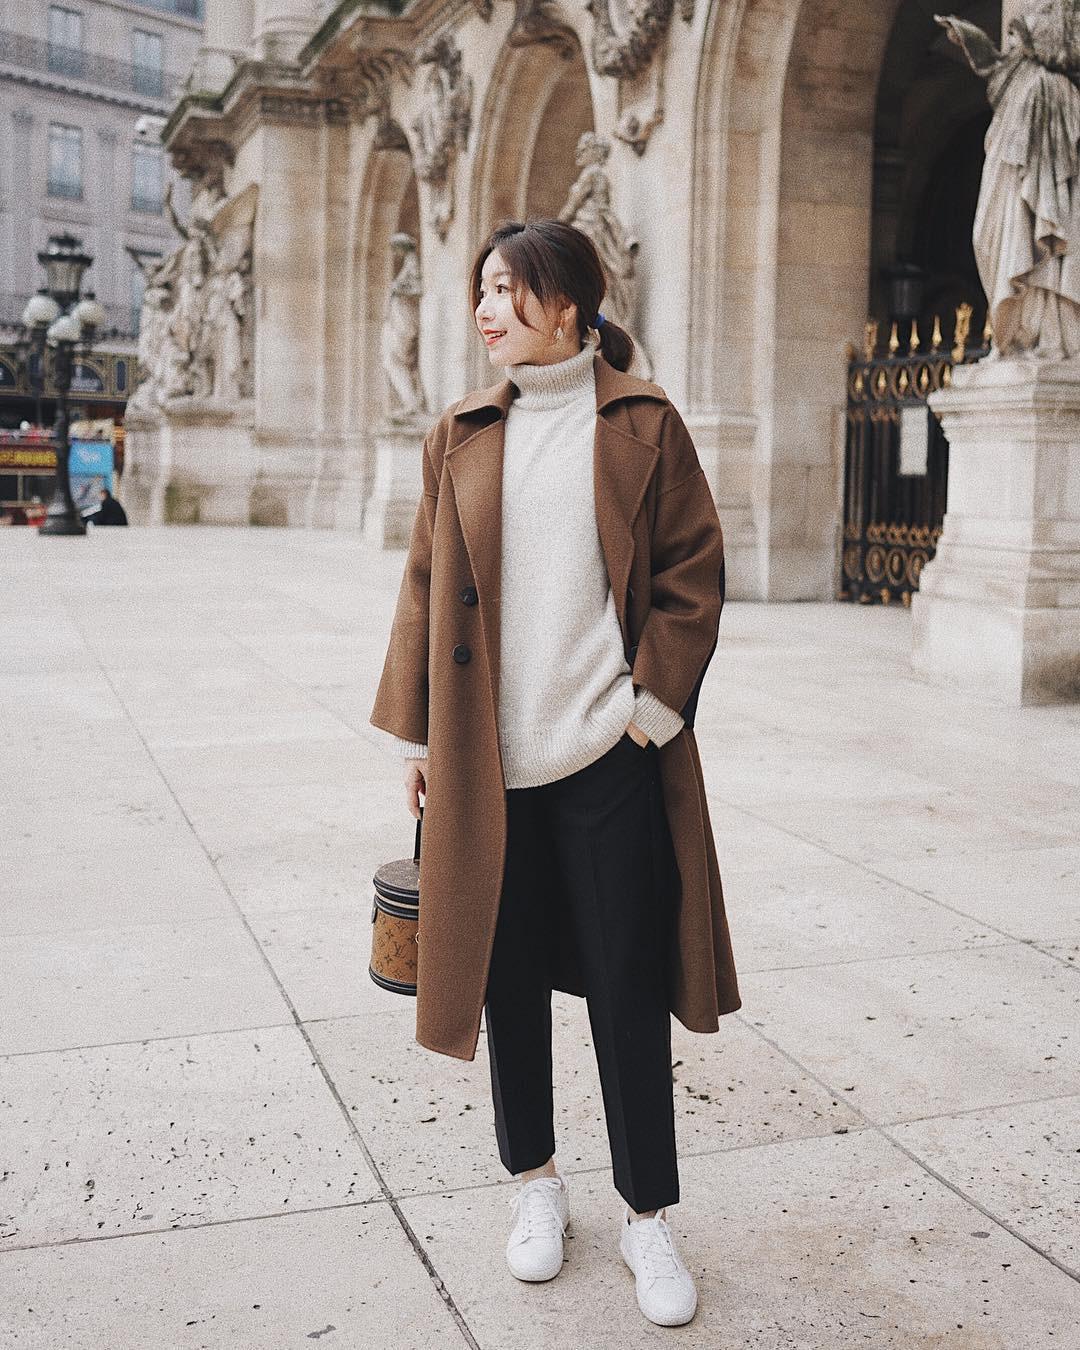 5 công thức diện đồ đang phủ sóng mạng xã hội sẽ cho bạn vô vàn gợi ý mặc đẹp mà chẳng cần nghĩ nhiều